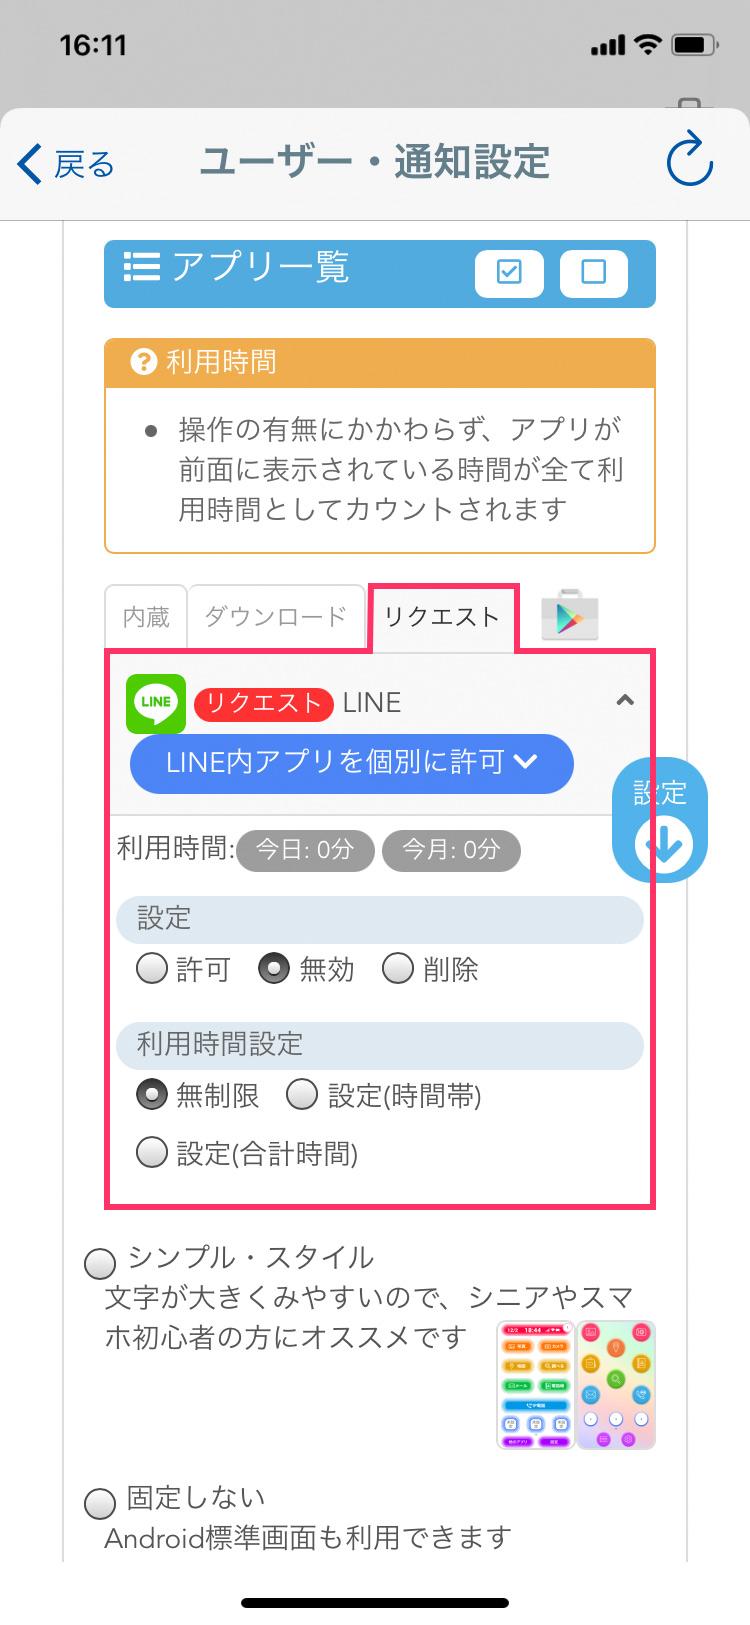 TONEモバイル(トーンモバイル)でLINEアプリをリクエストしてインストールする